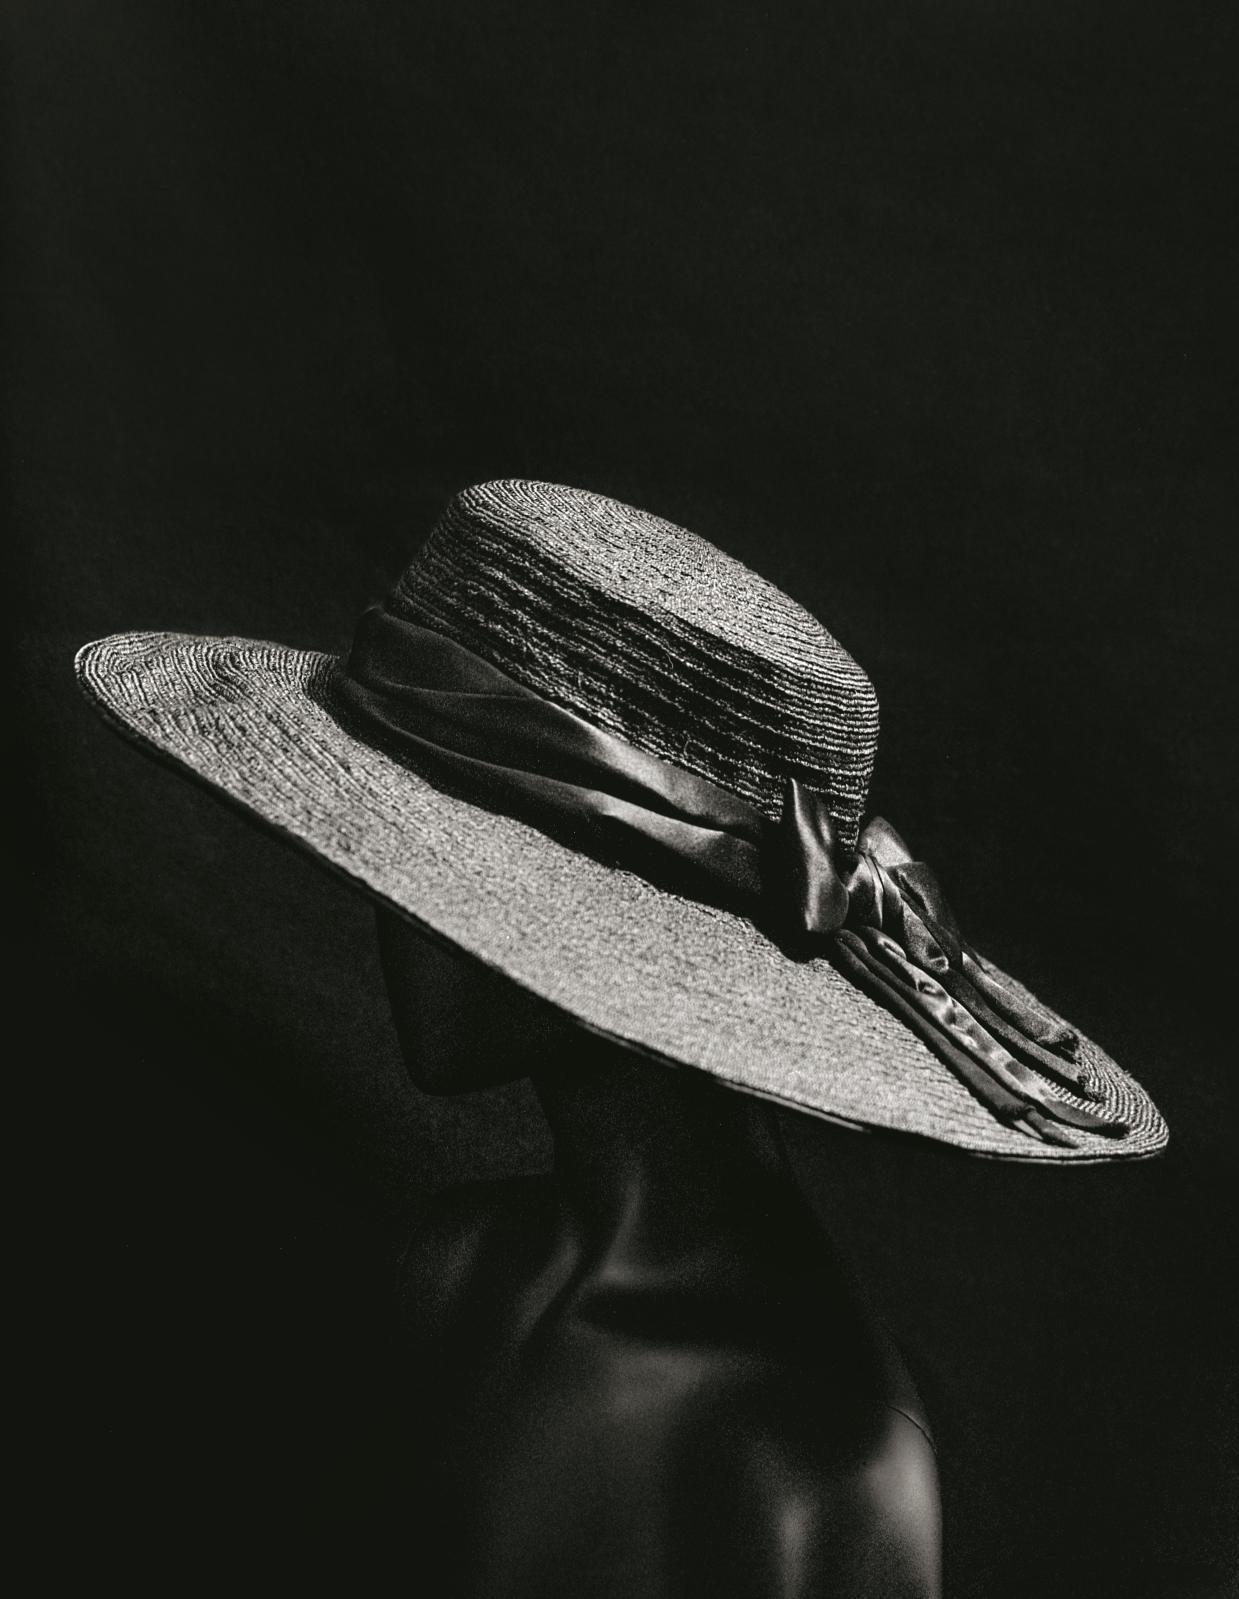 Gabrielle Chanel, chapeau, entre 1913 et 1915, Paris, musée des Arts décoratifs © julien T. HAMON